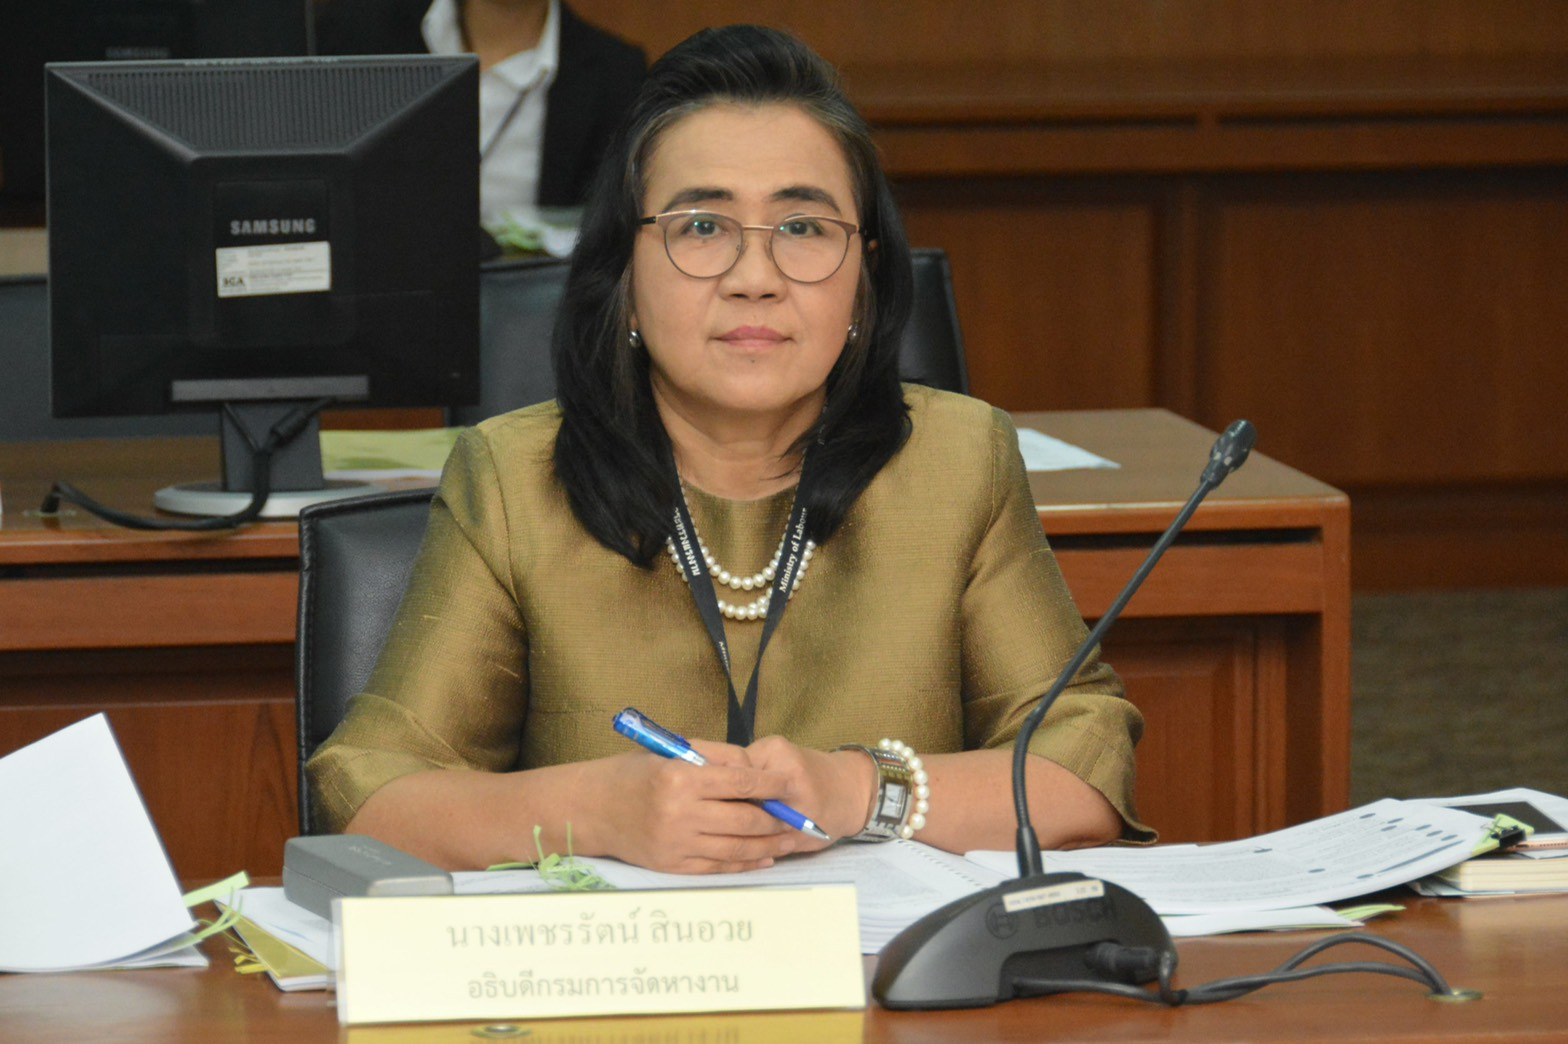 ก.แรงงาน ประชุมคณะกรรมการพิจารณาการดำเนินงานขององค์การเอกชนต่างประเทศ ครั้งที่ 2/2562